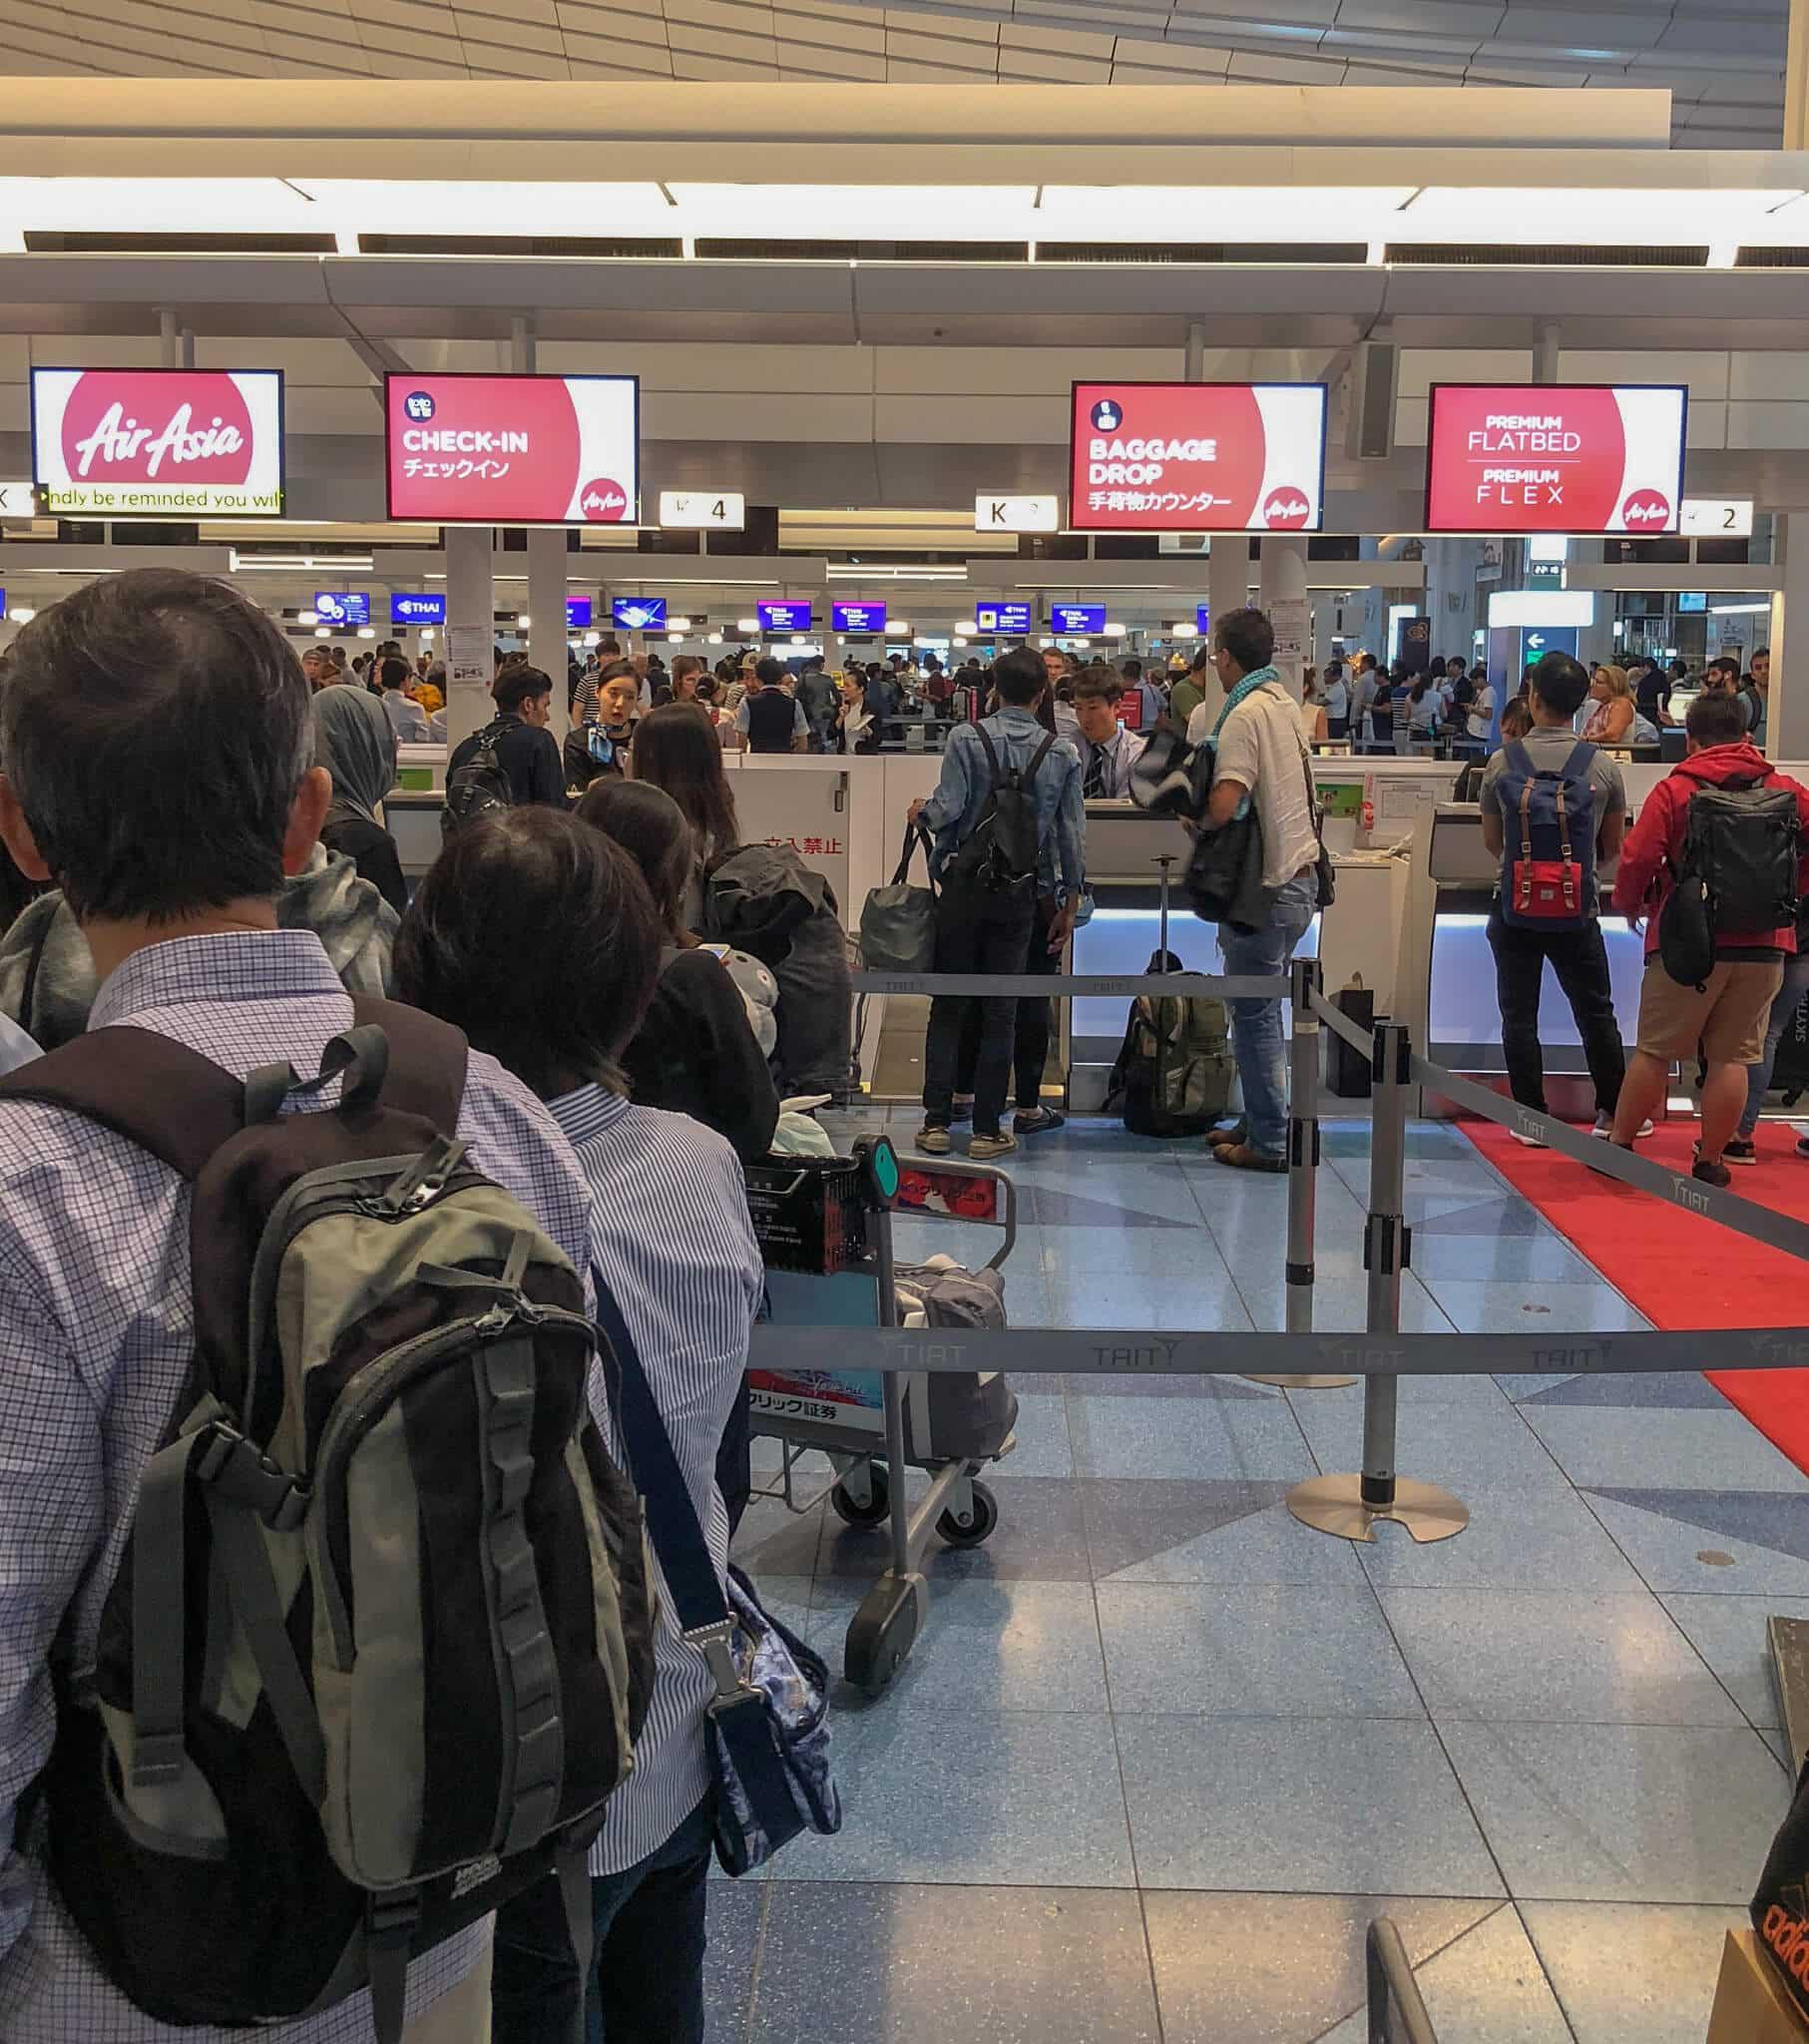 羽田空港からエアアジアを利用するなら! webチェックインは必須!!